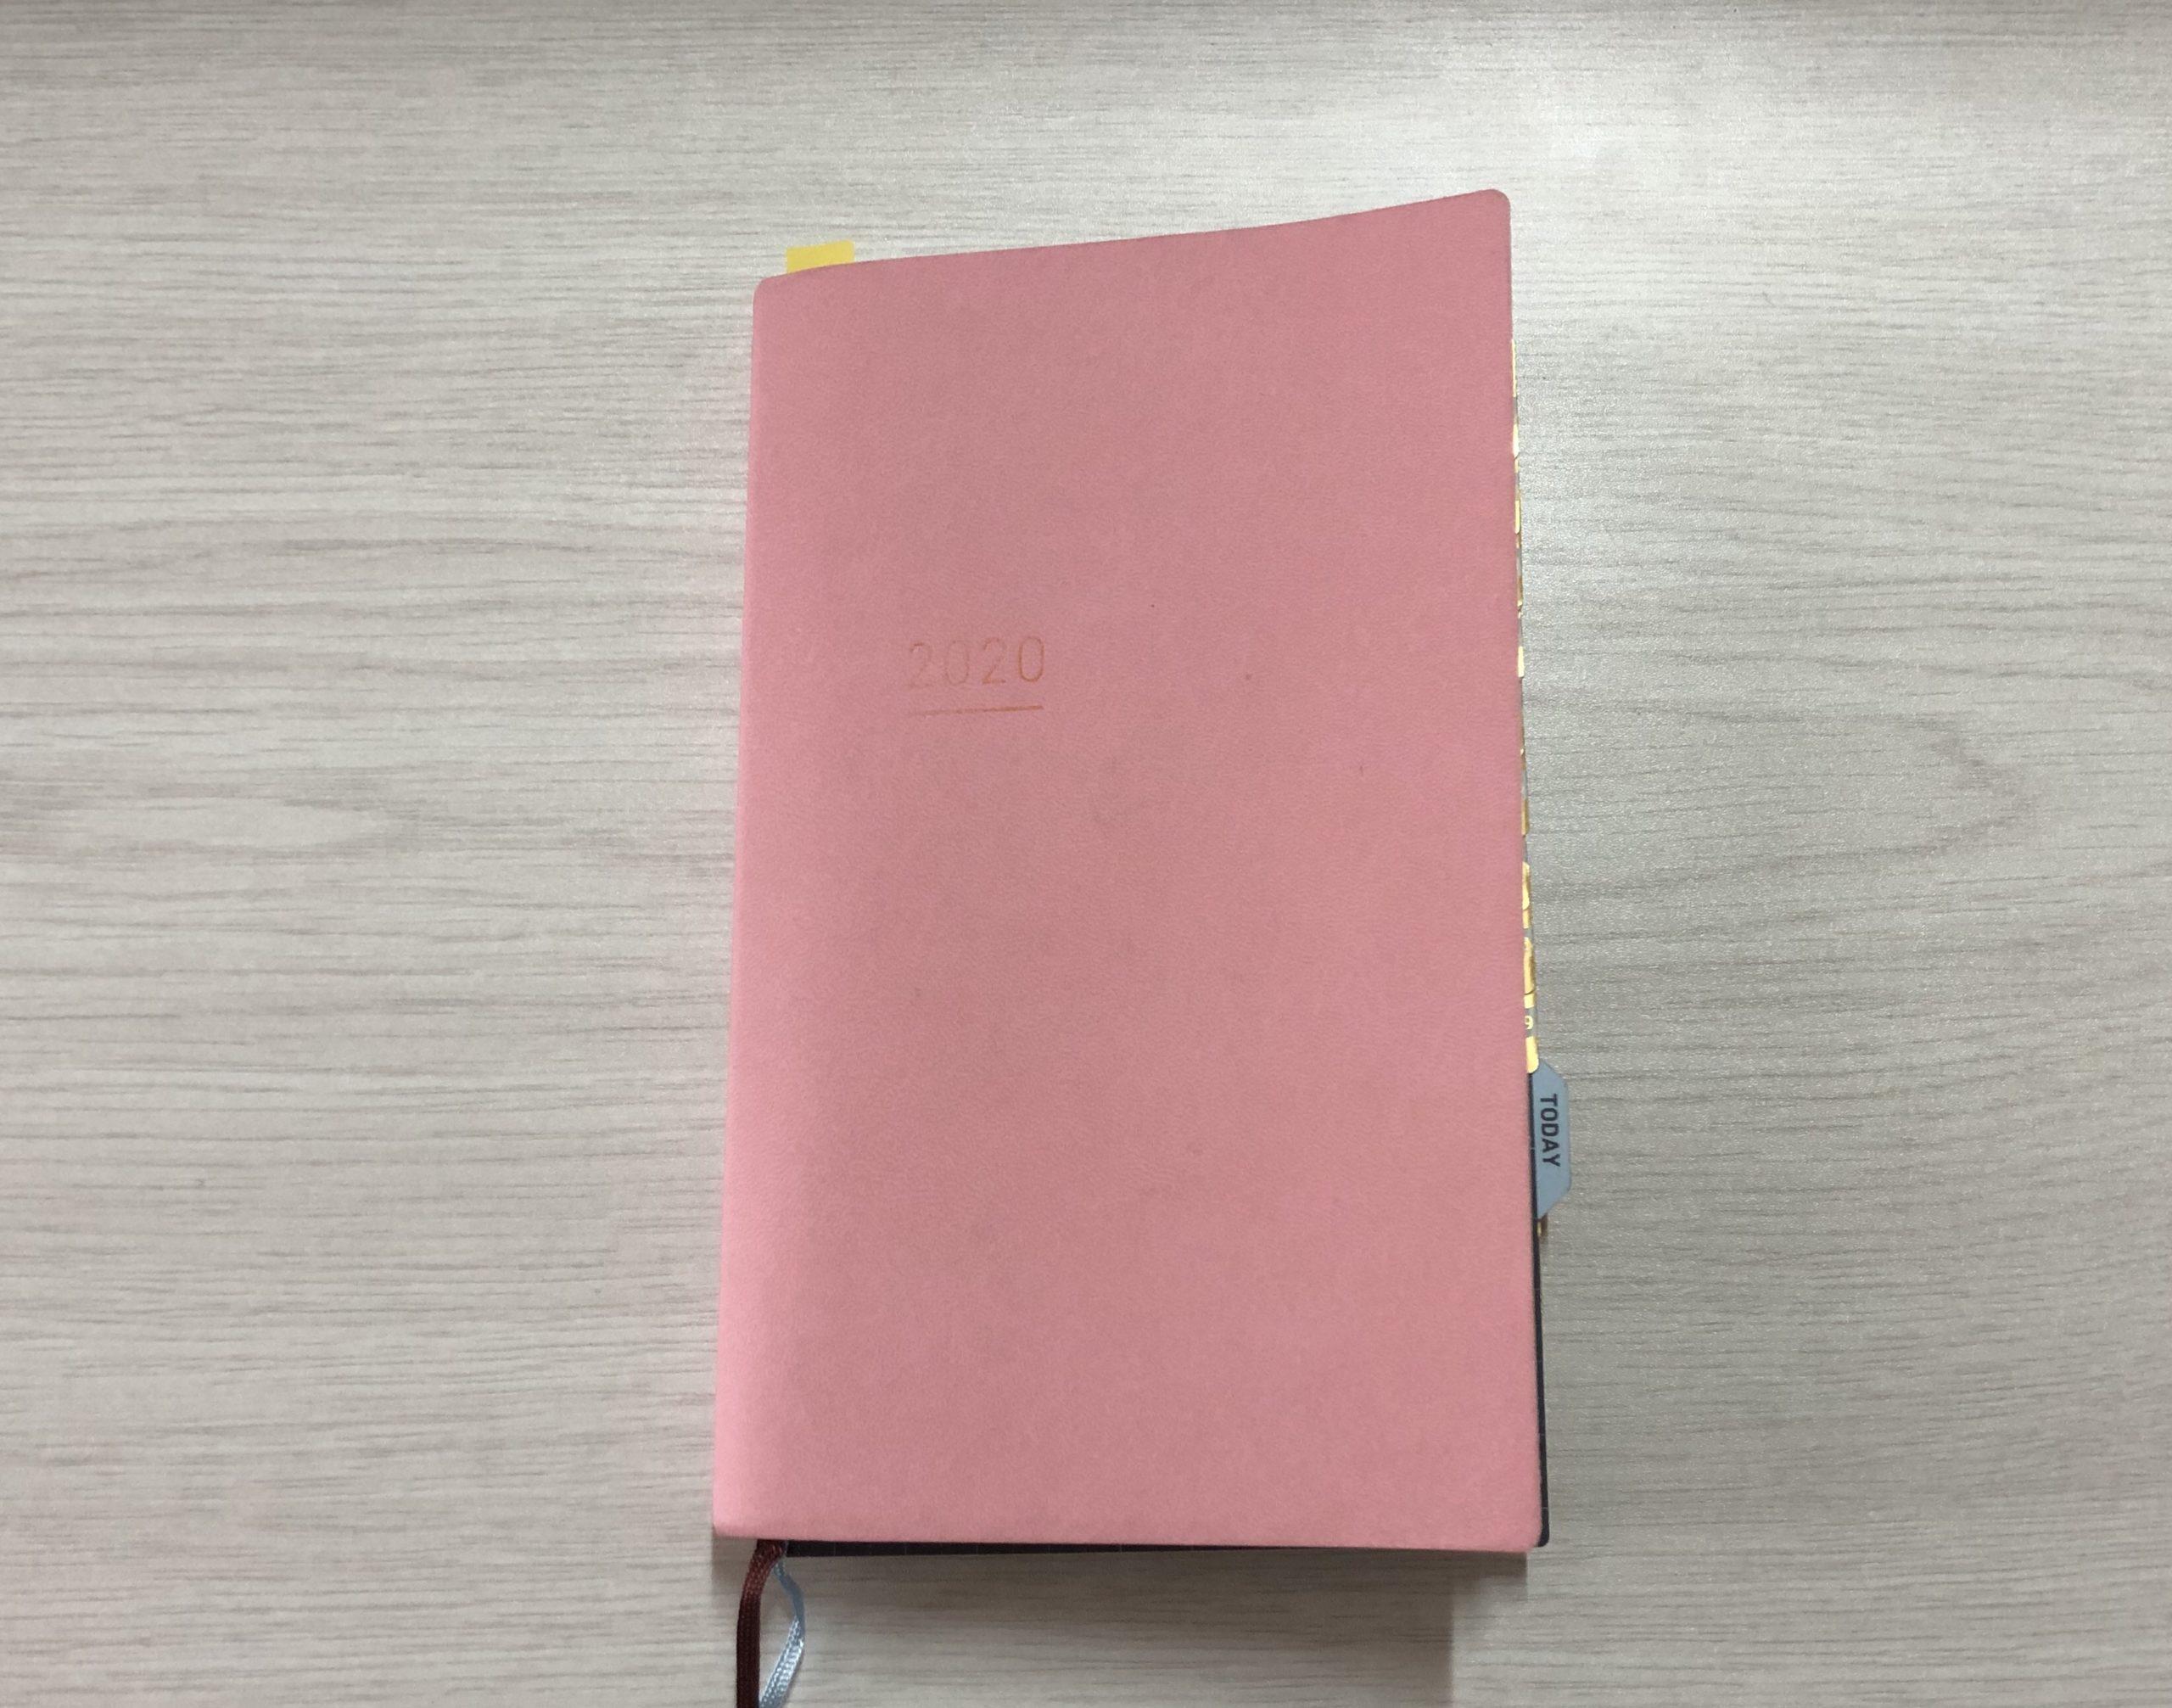 ジブン手帳Lite mini